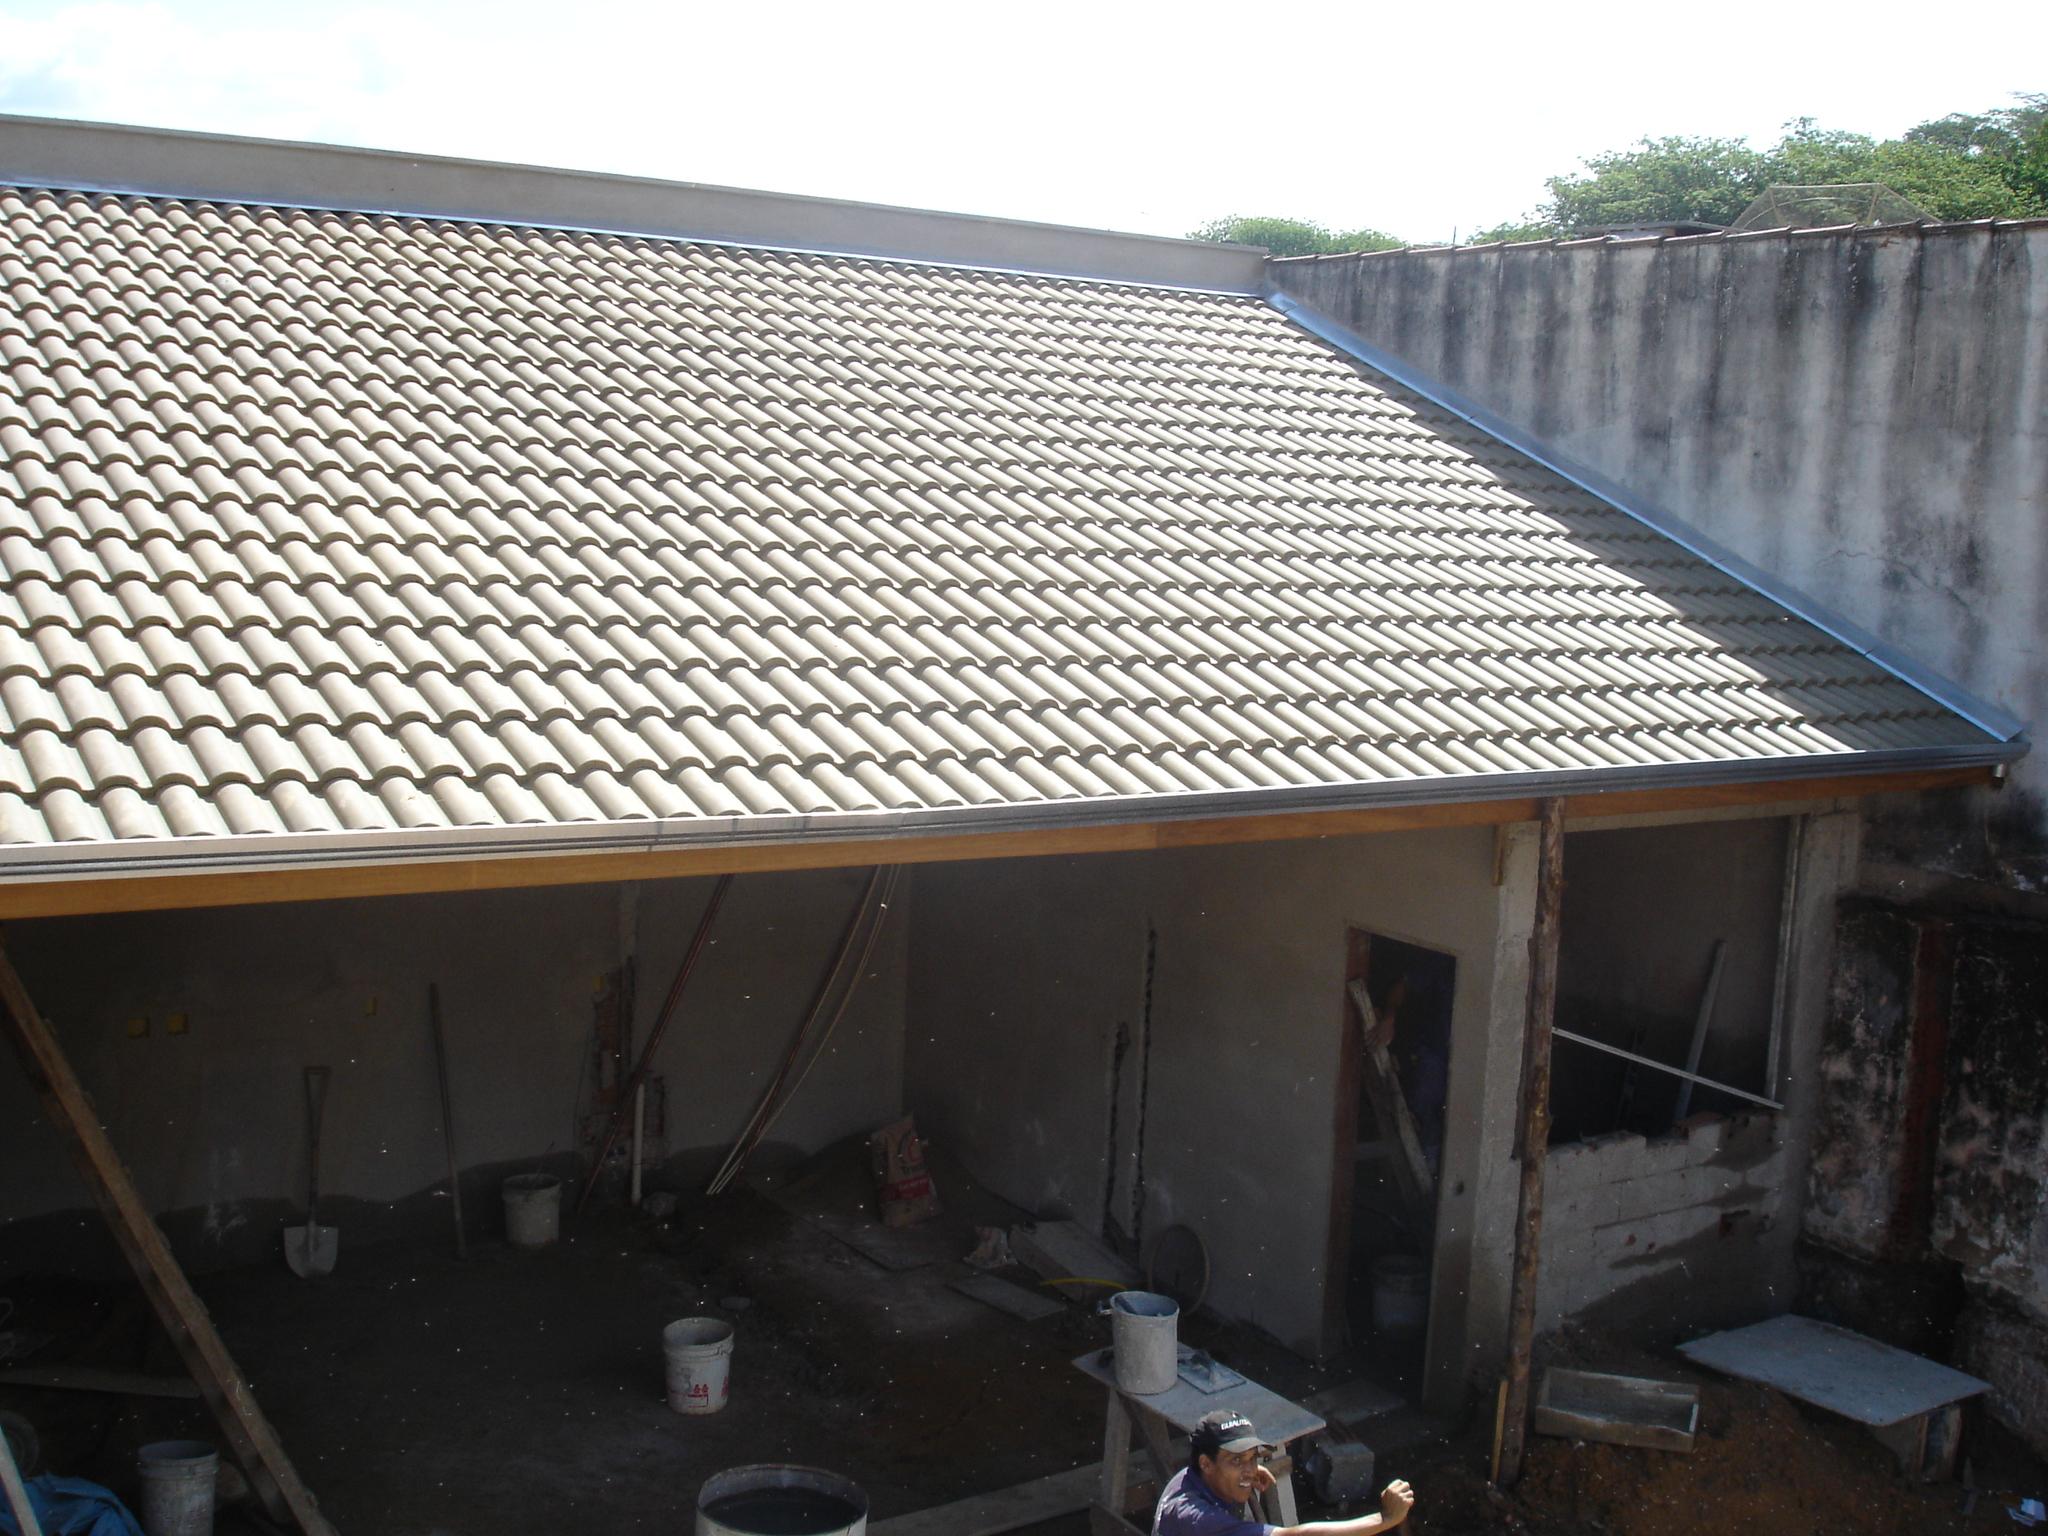 para orçamento e construção de um telhado de madeira. Pesquise #654932 2048x1536